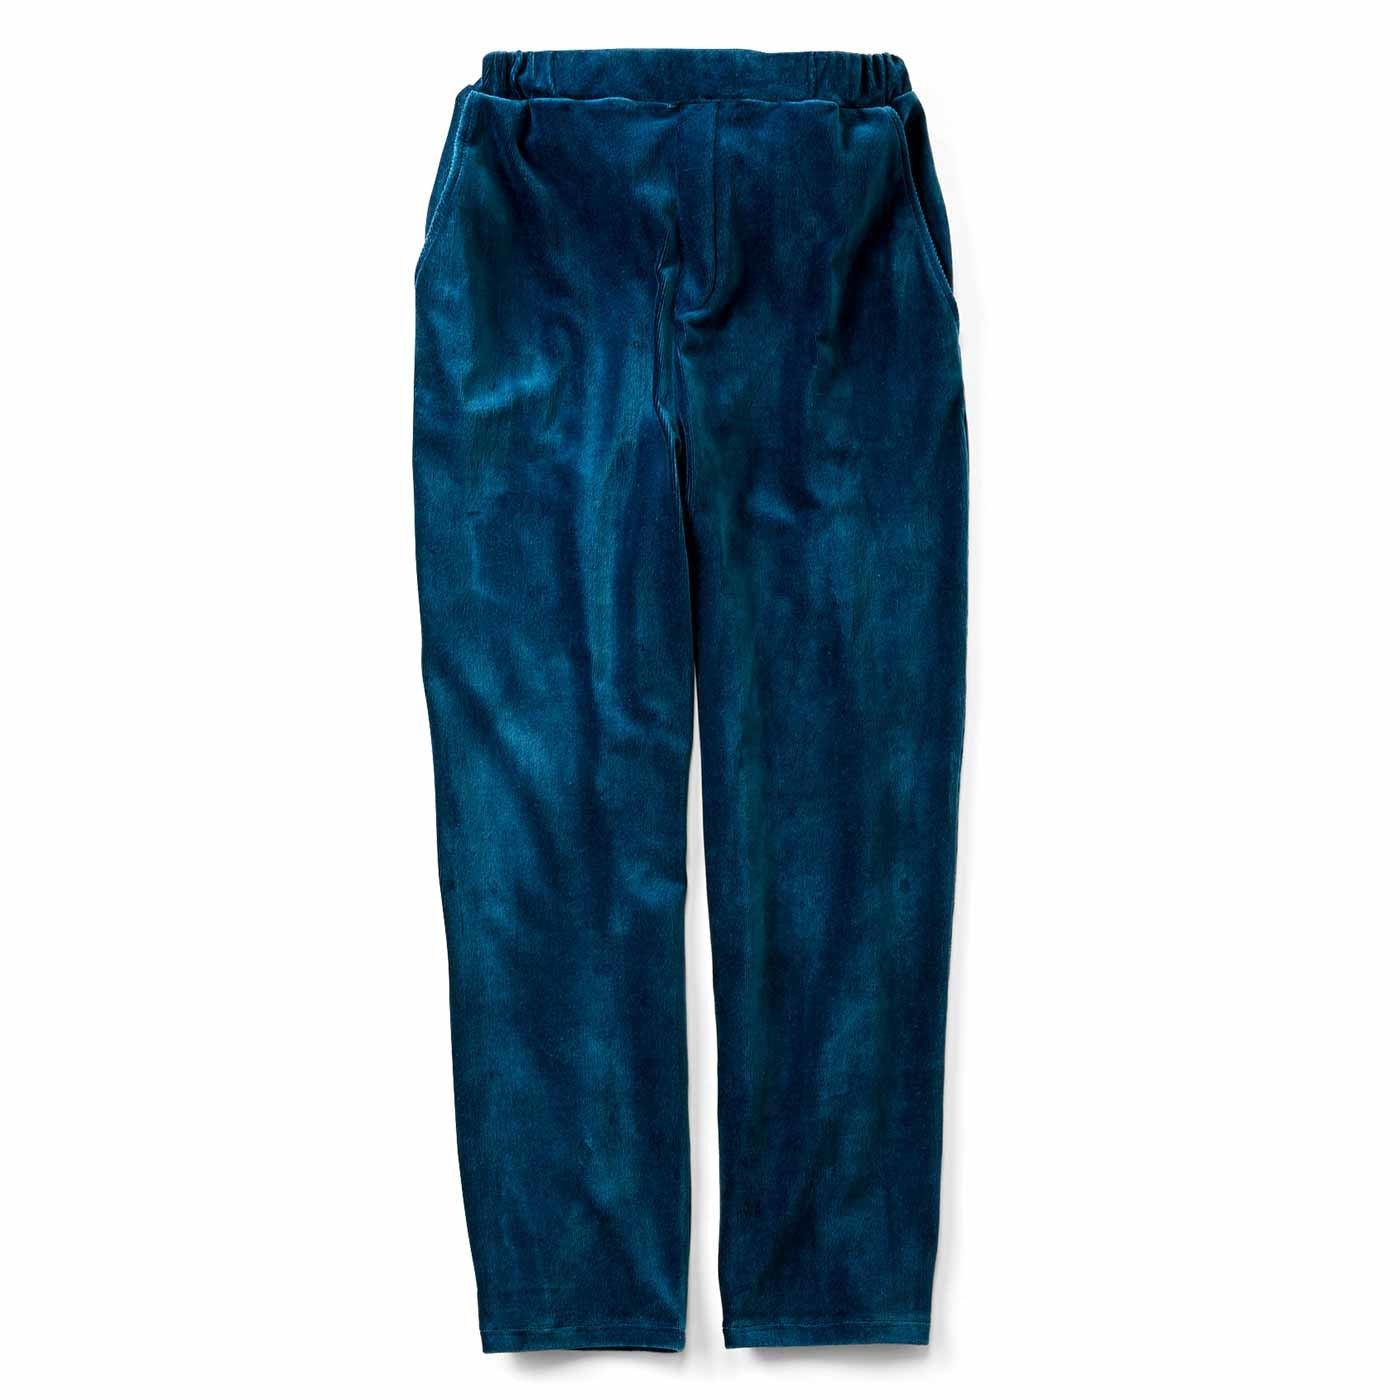 ストレッチベロア素材のすっきりパンツ〈ブルーグリーン〉